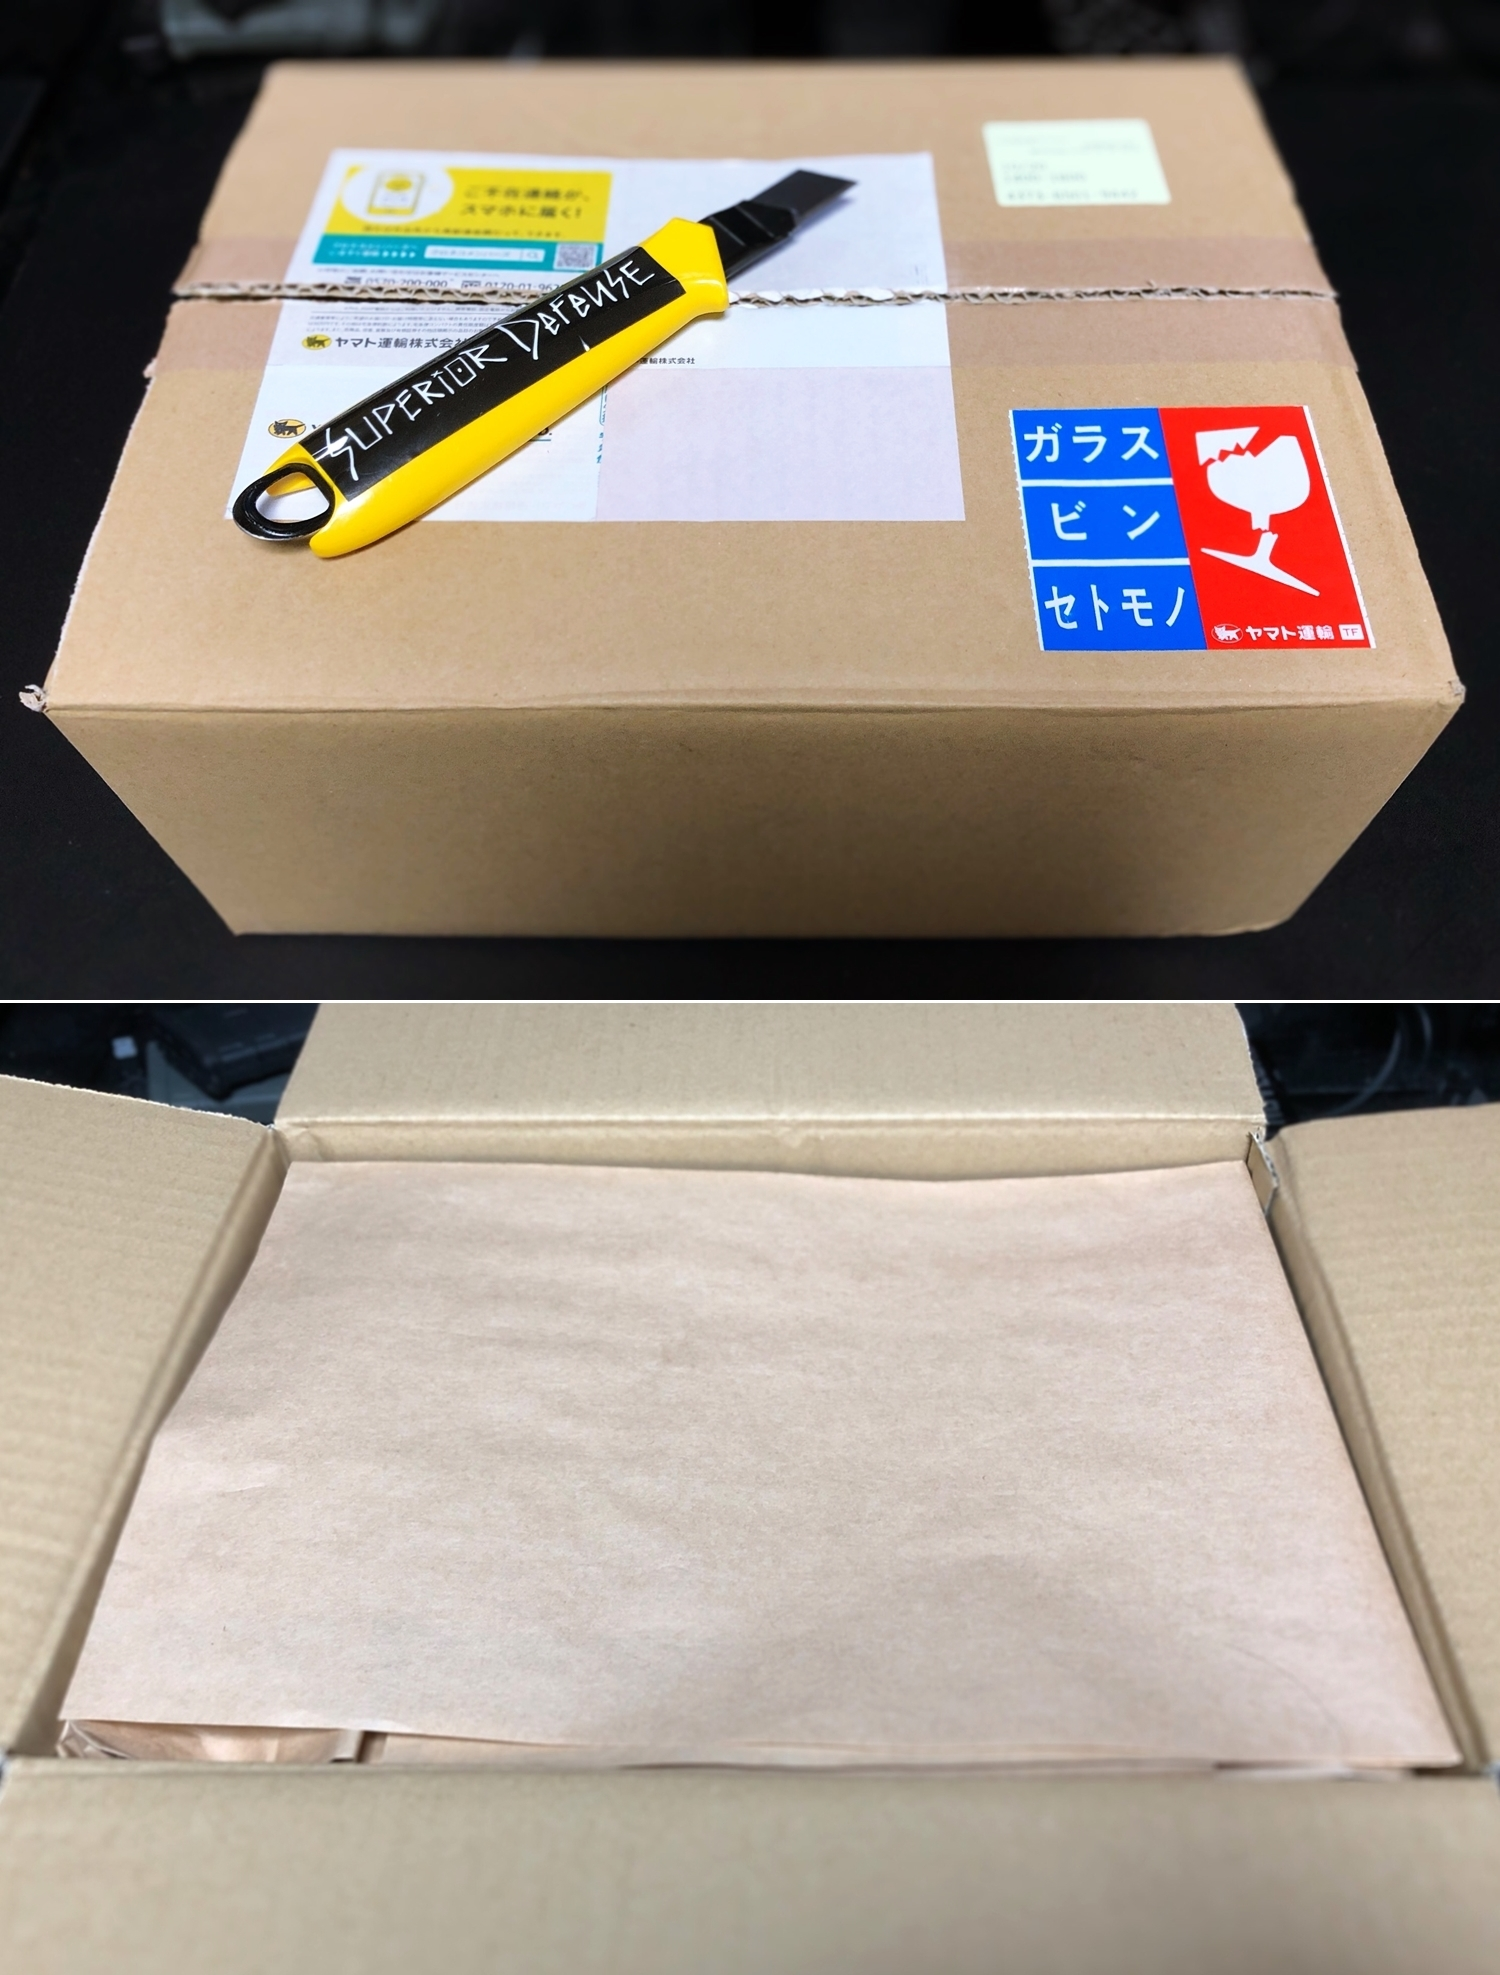 1 実物 EOTech XPS3-0 HOLOGRAPHIC SIGHT BLACK GET!! 次世代 M4 CQB-R カスタム 続編!! イオテック ホロサイト 購入 取付 レビュー!!